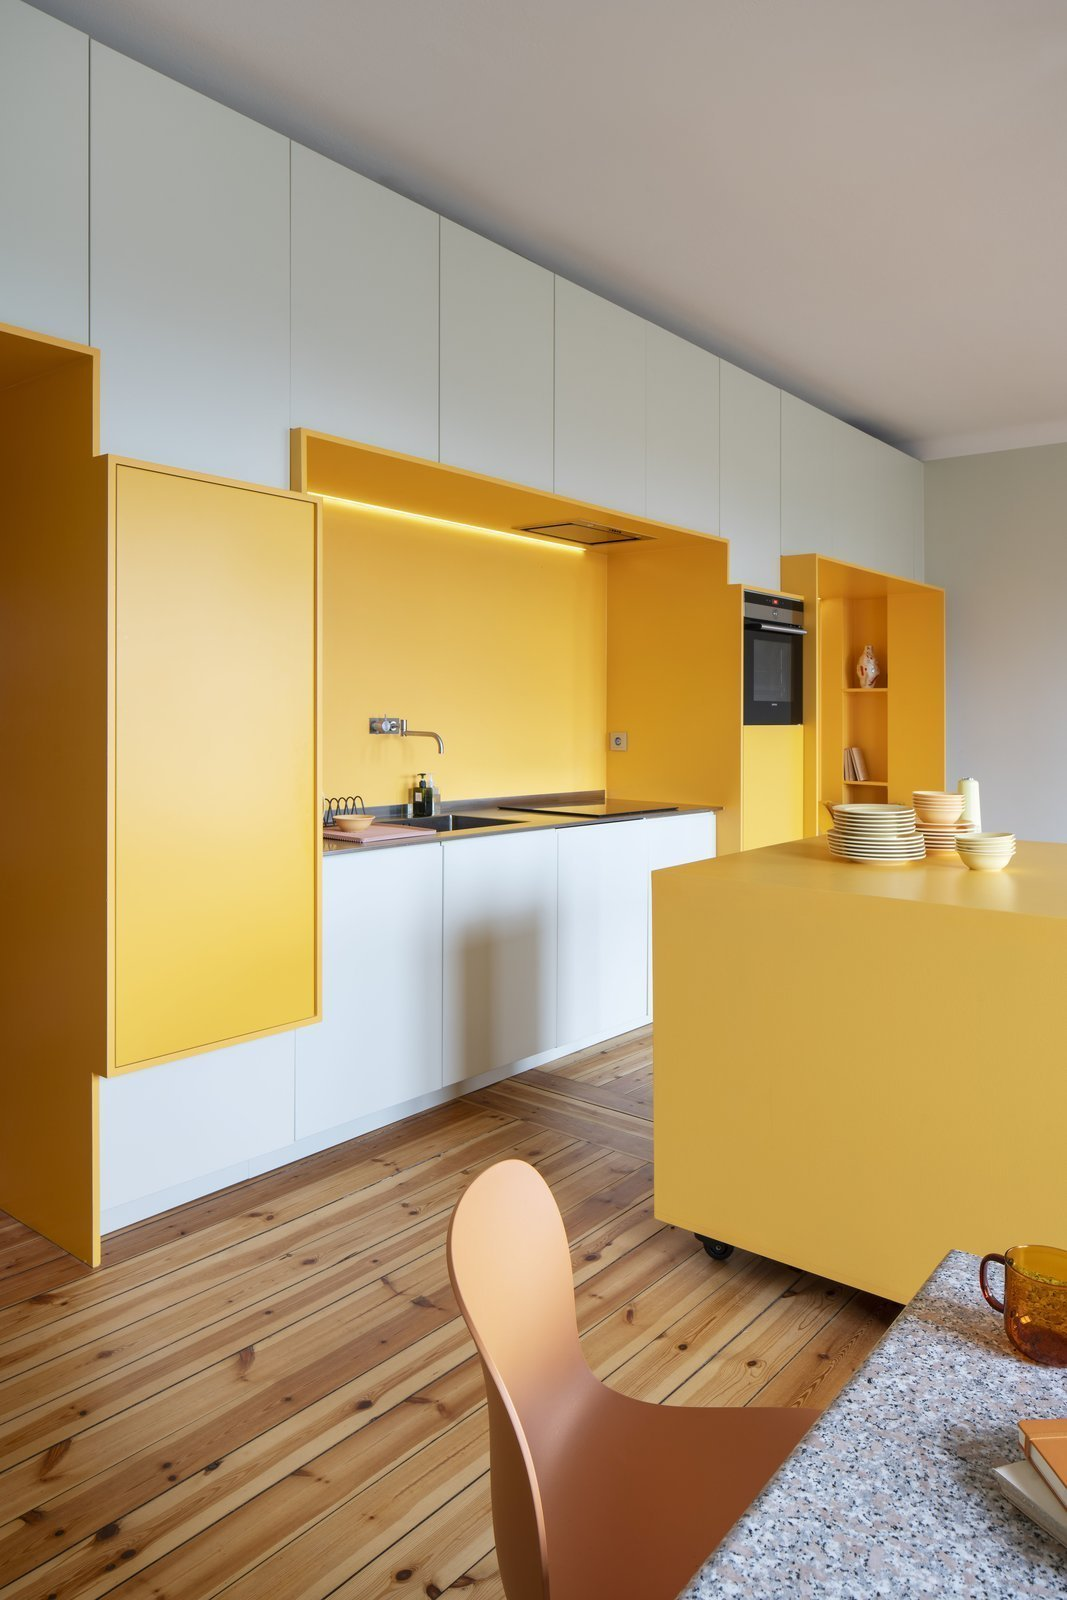 Když má klient rád žlutou